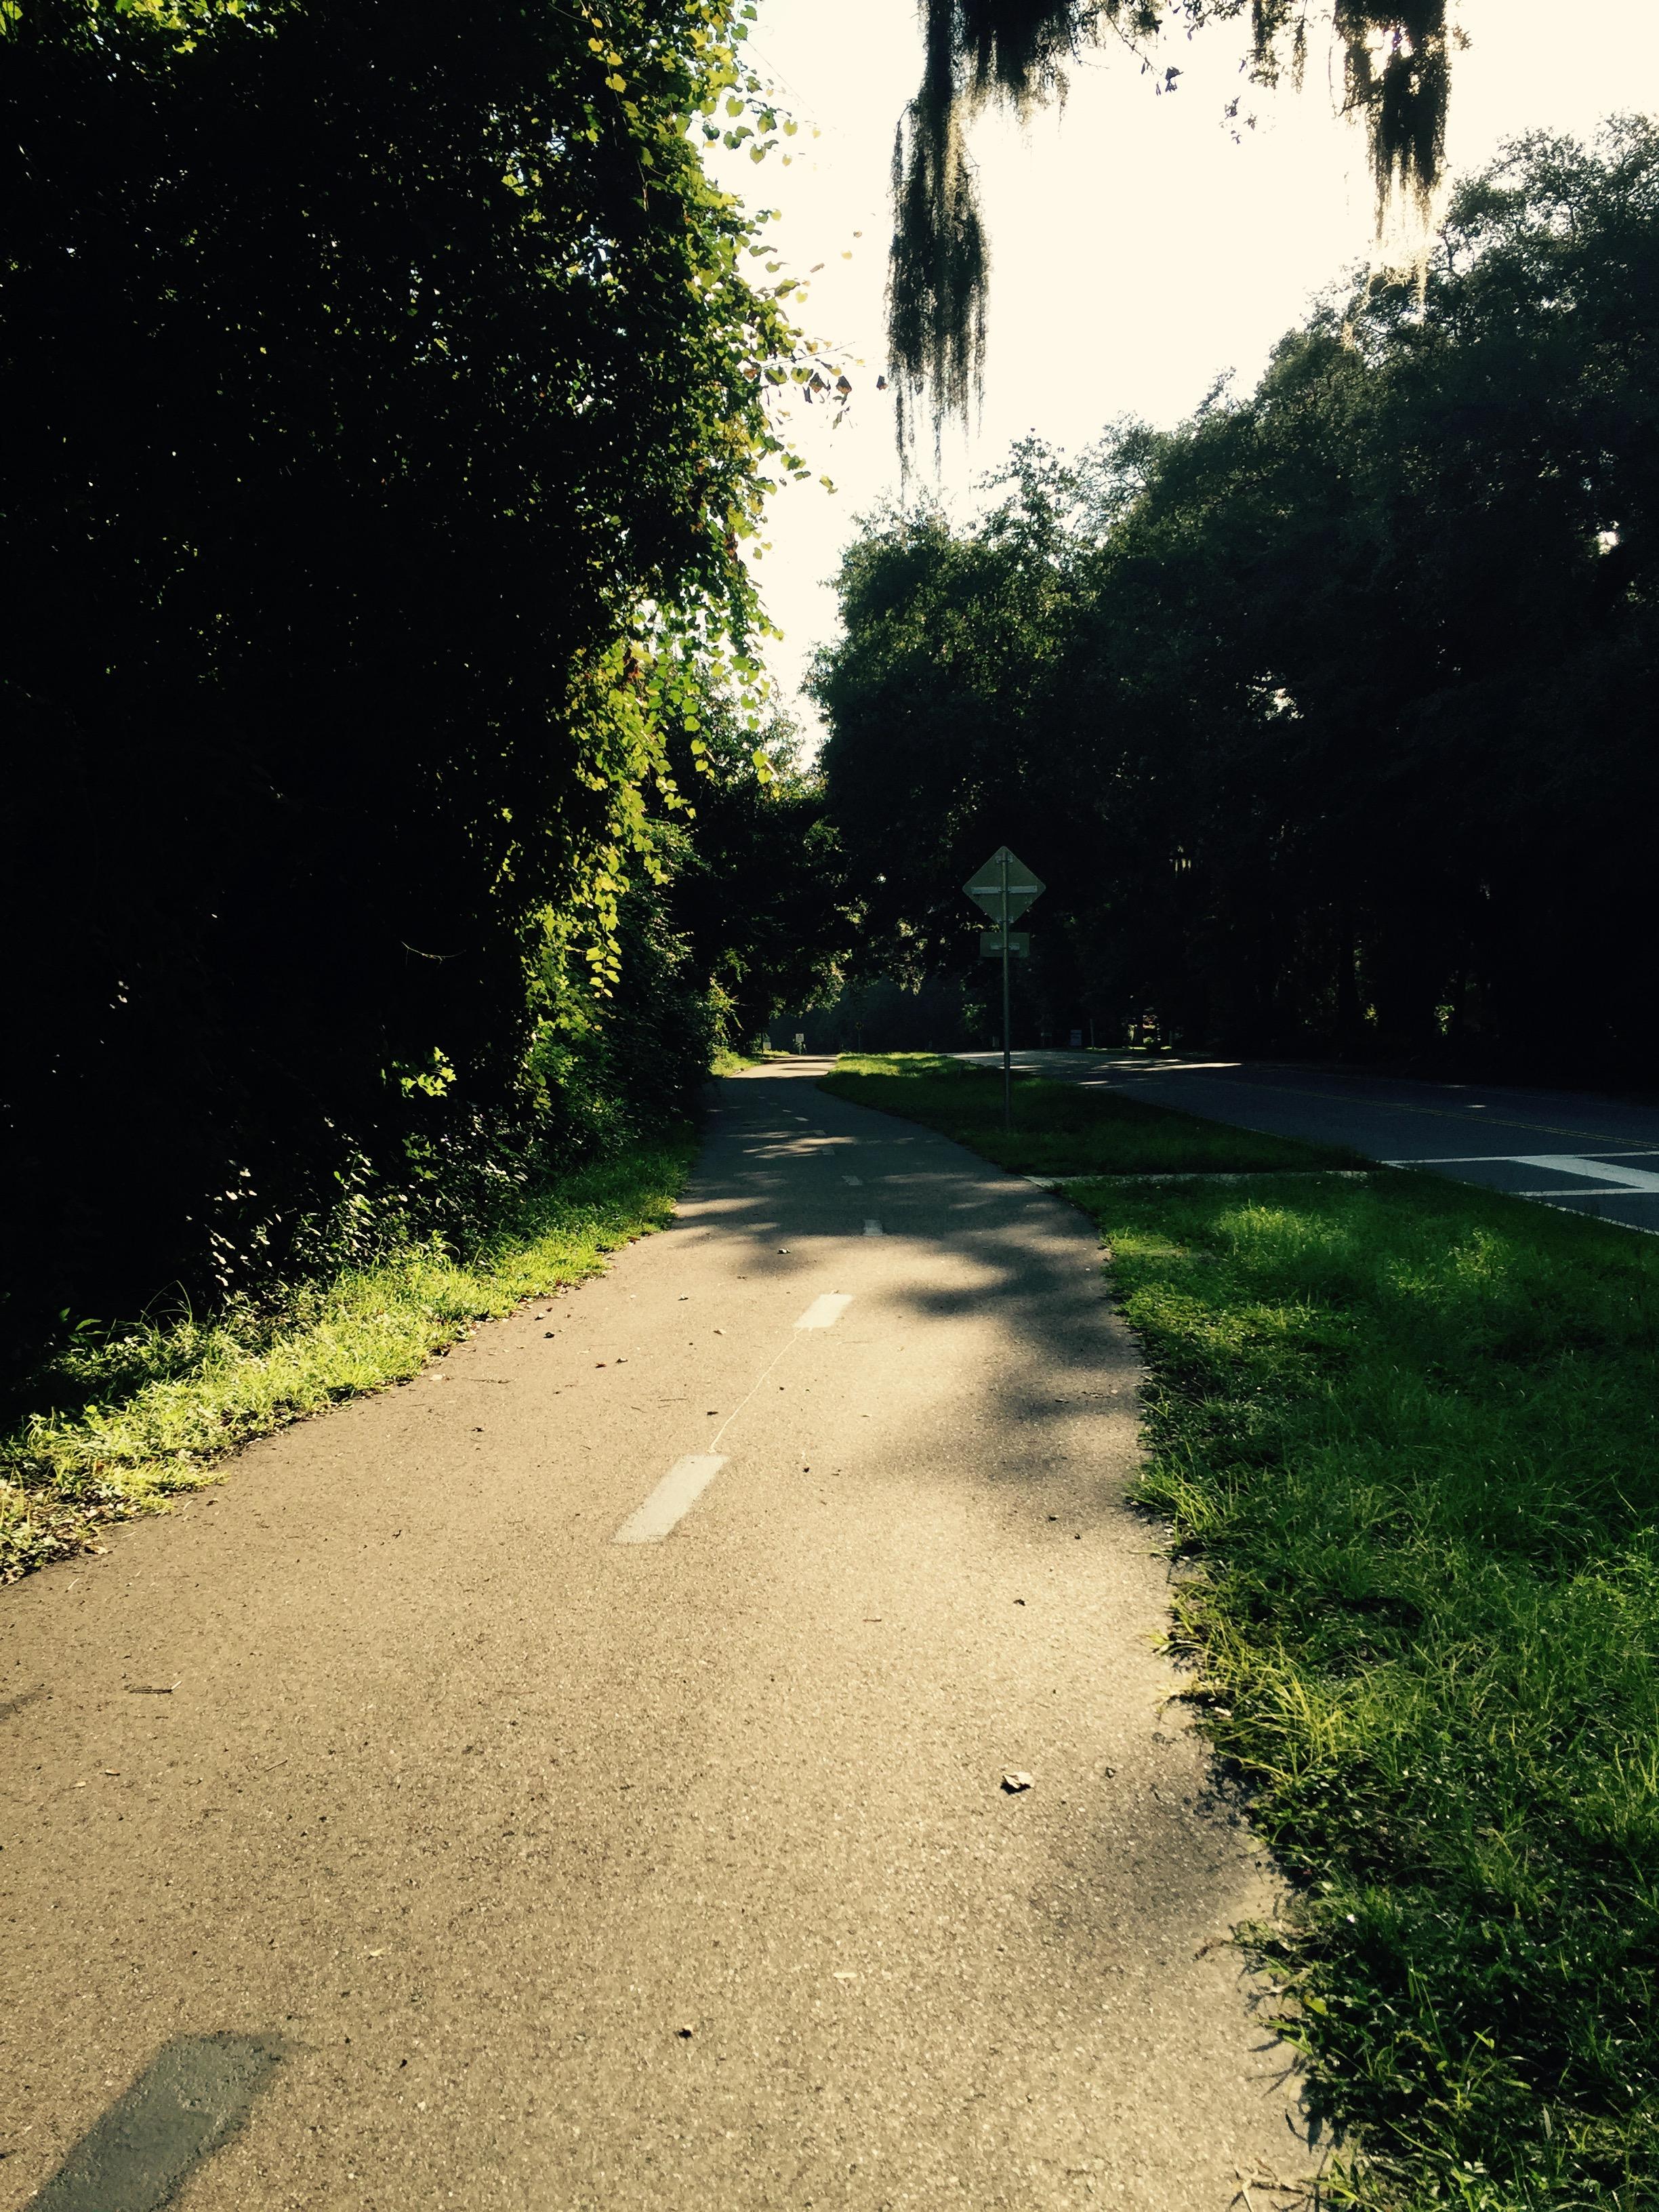 Drs lake bike path